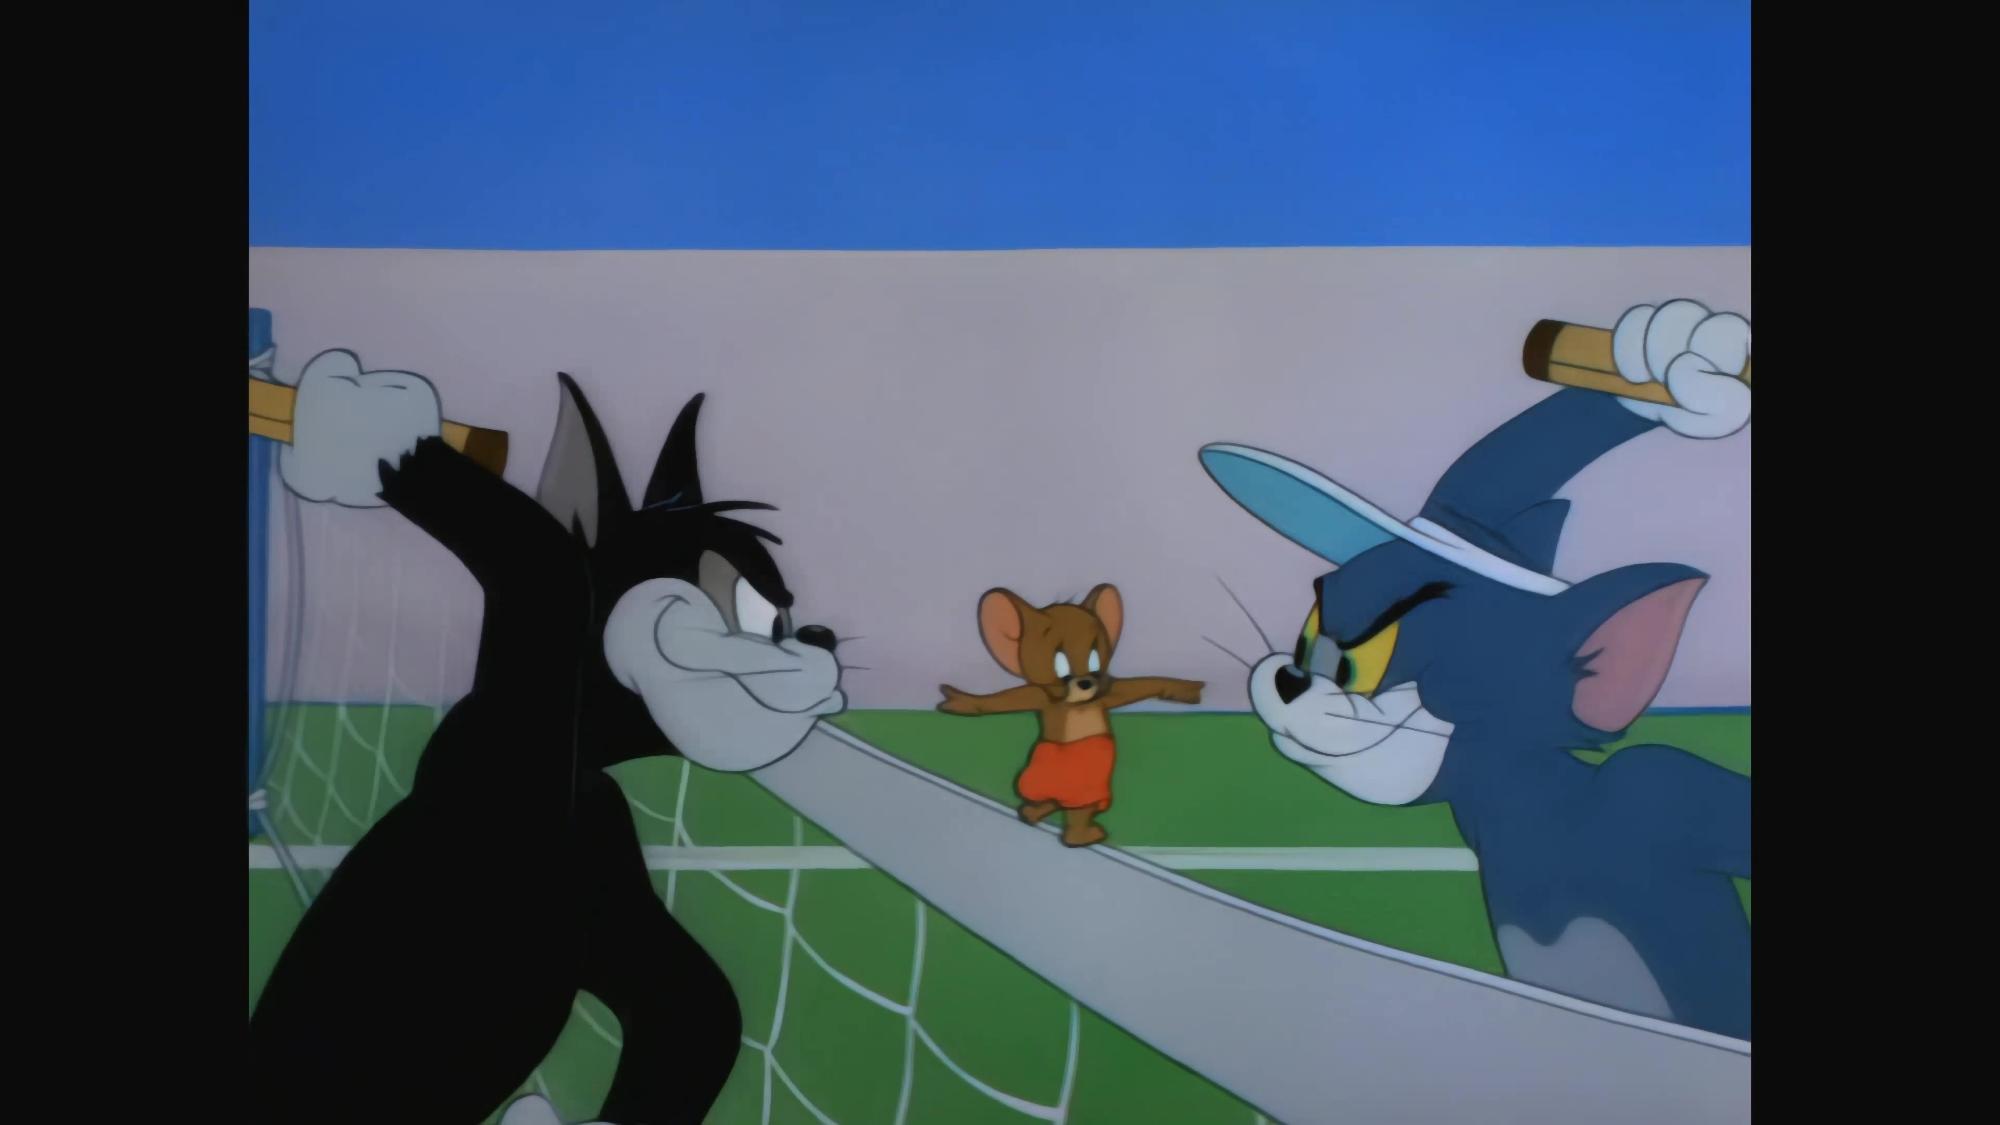 【4kai修复60帧】猫和老鼠-046 -网球白痴